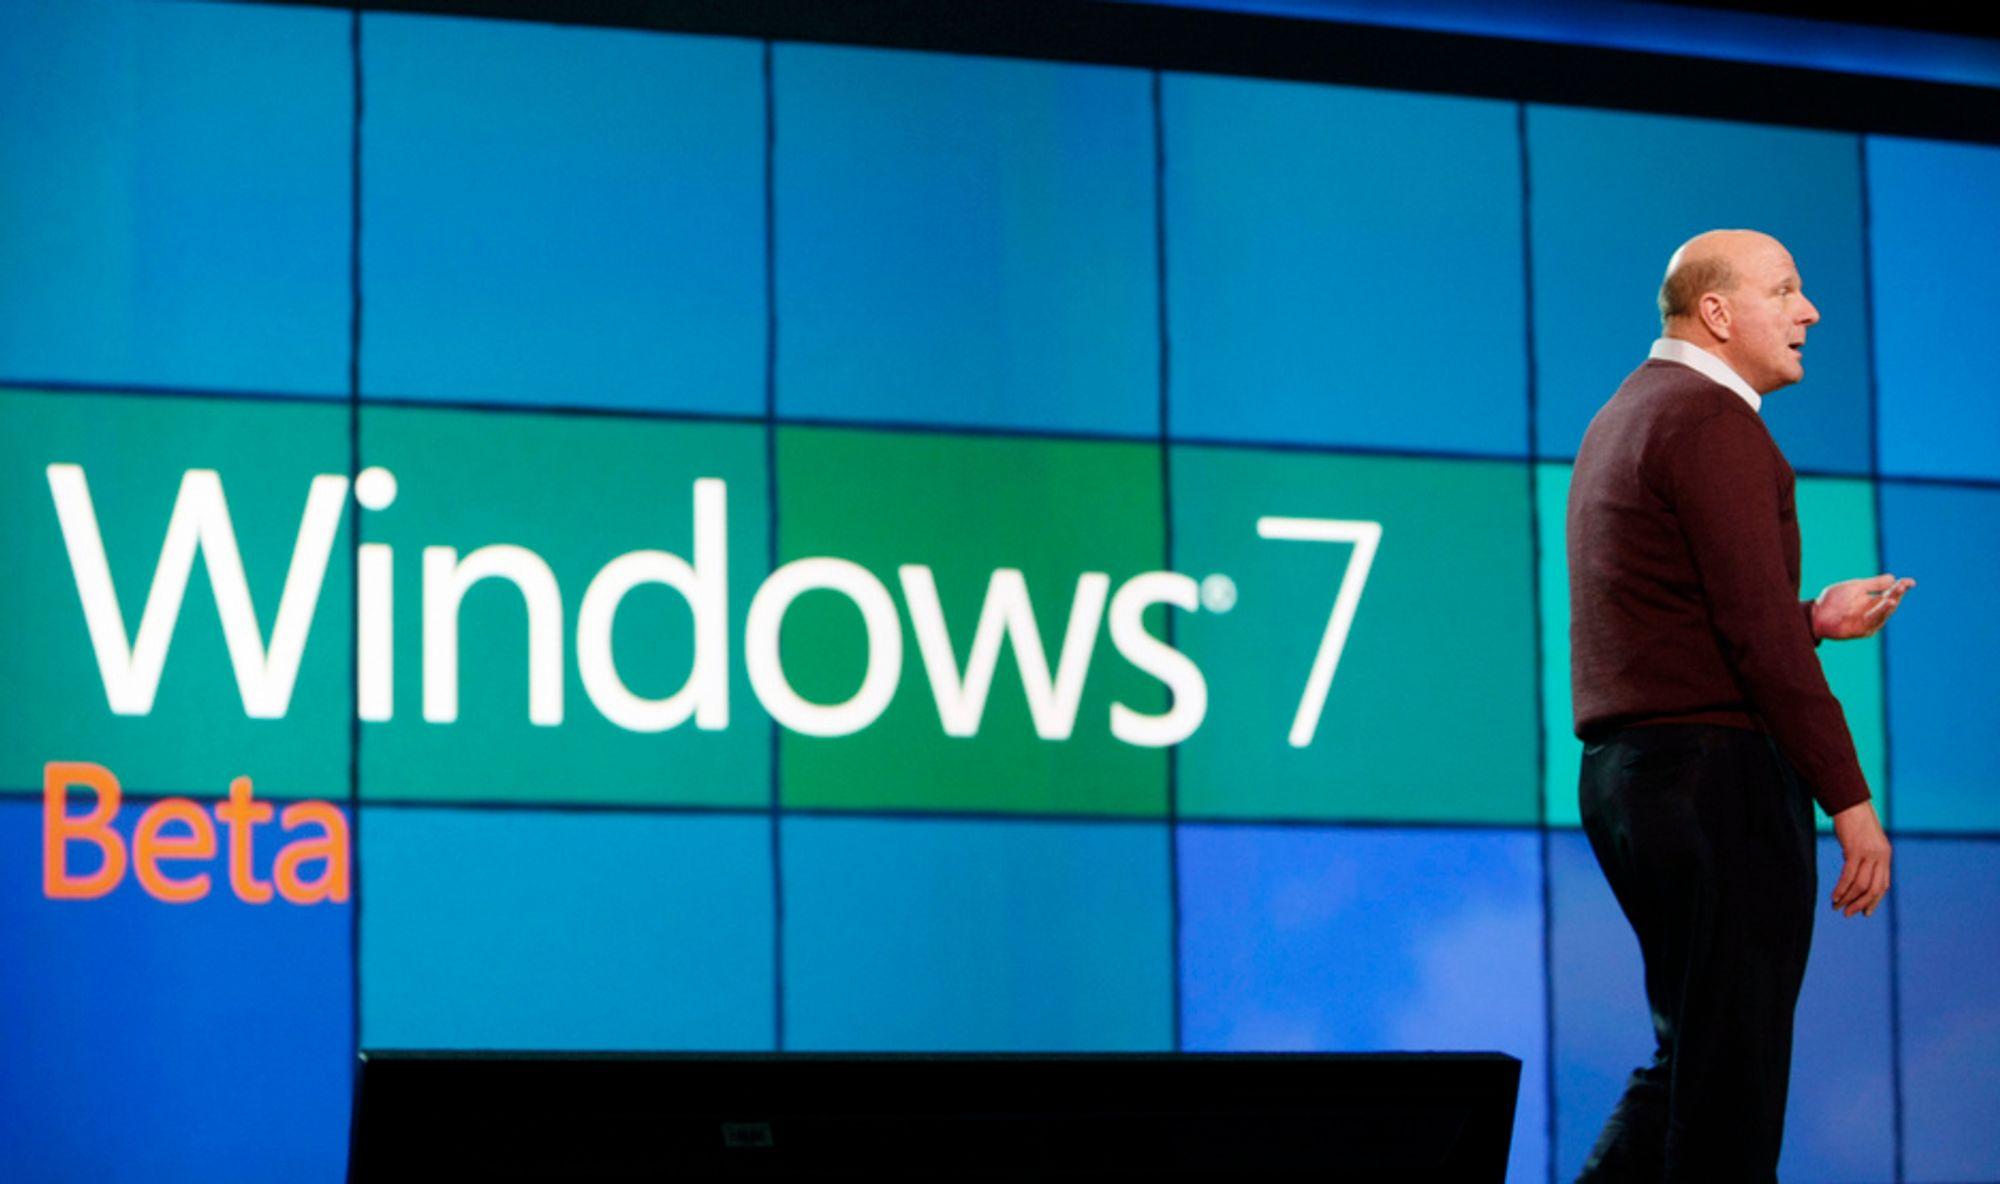 Ulike Windows-produkter er allerede et yndet piratkopieringsobjekt. Det er nok ikke usannsynlig at også Windows 7 blir det.